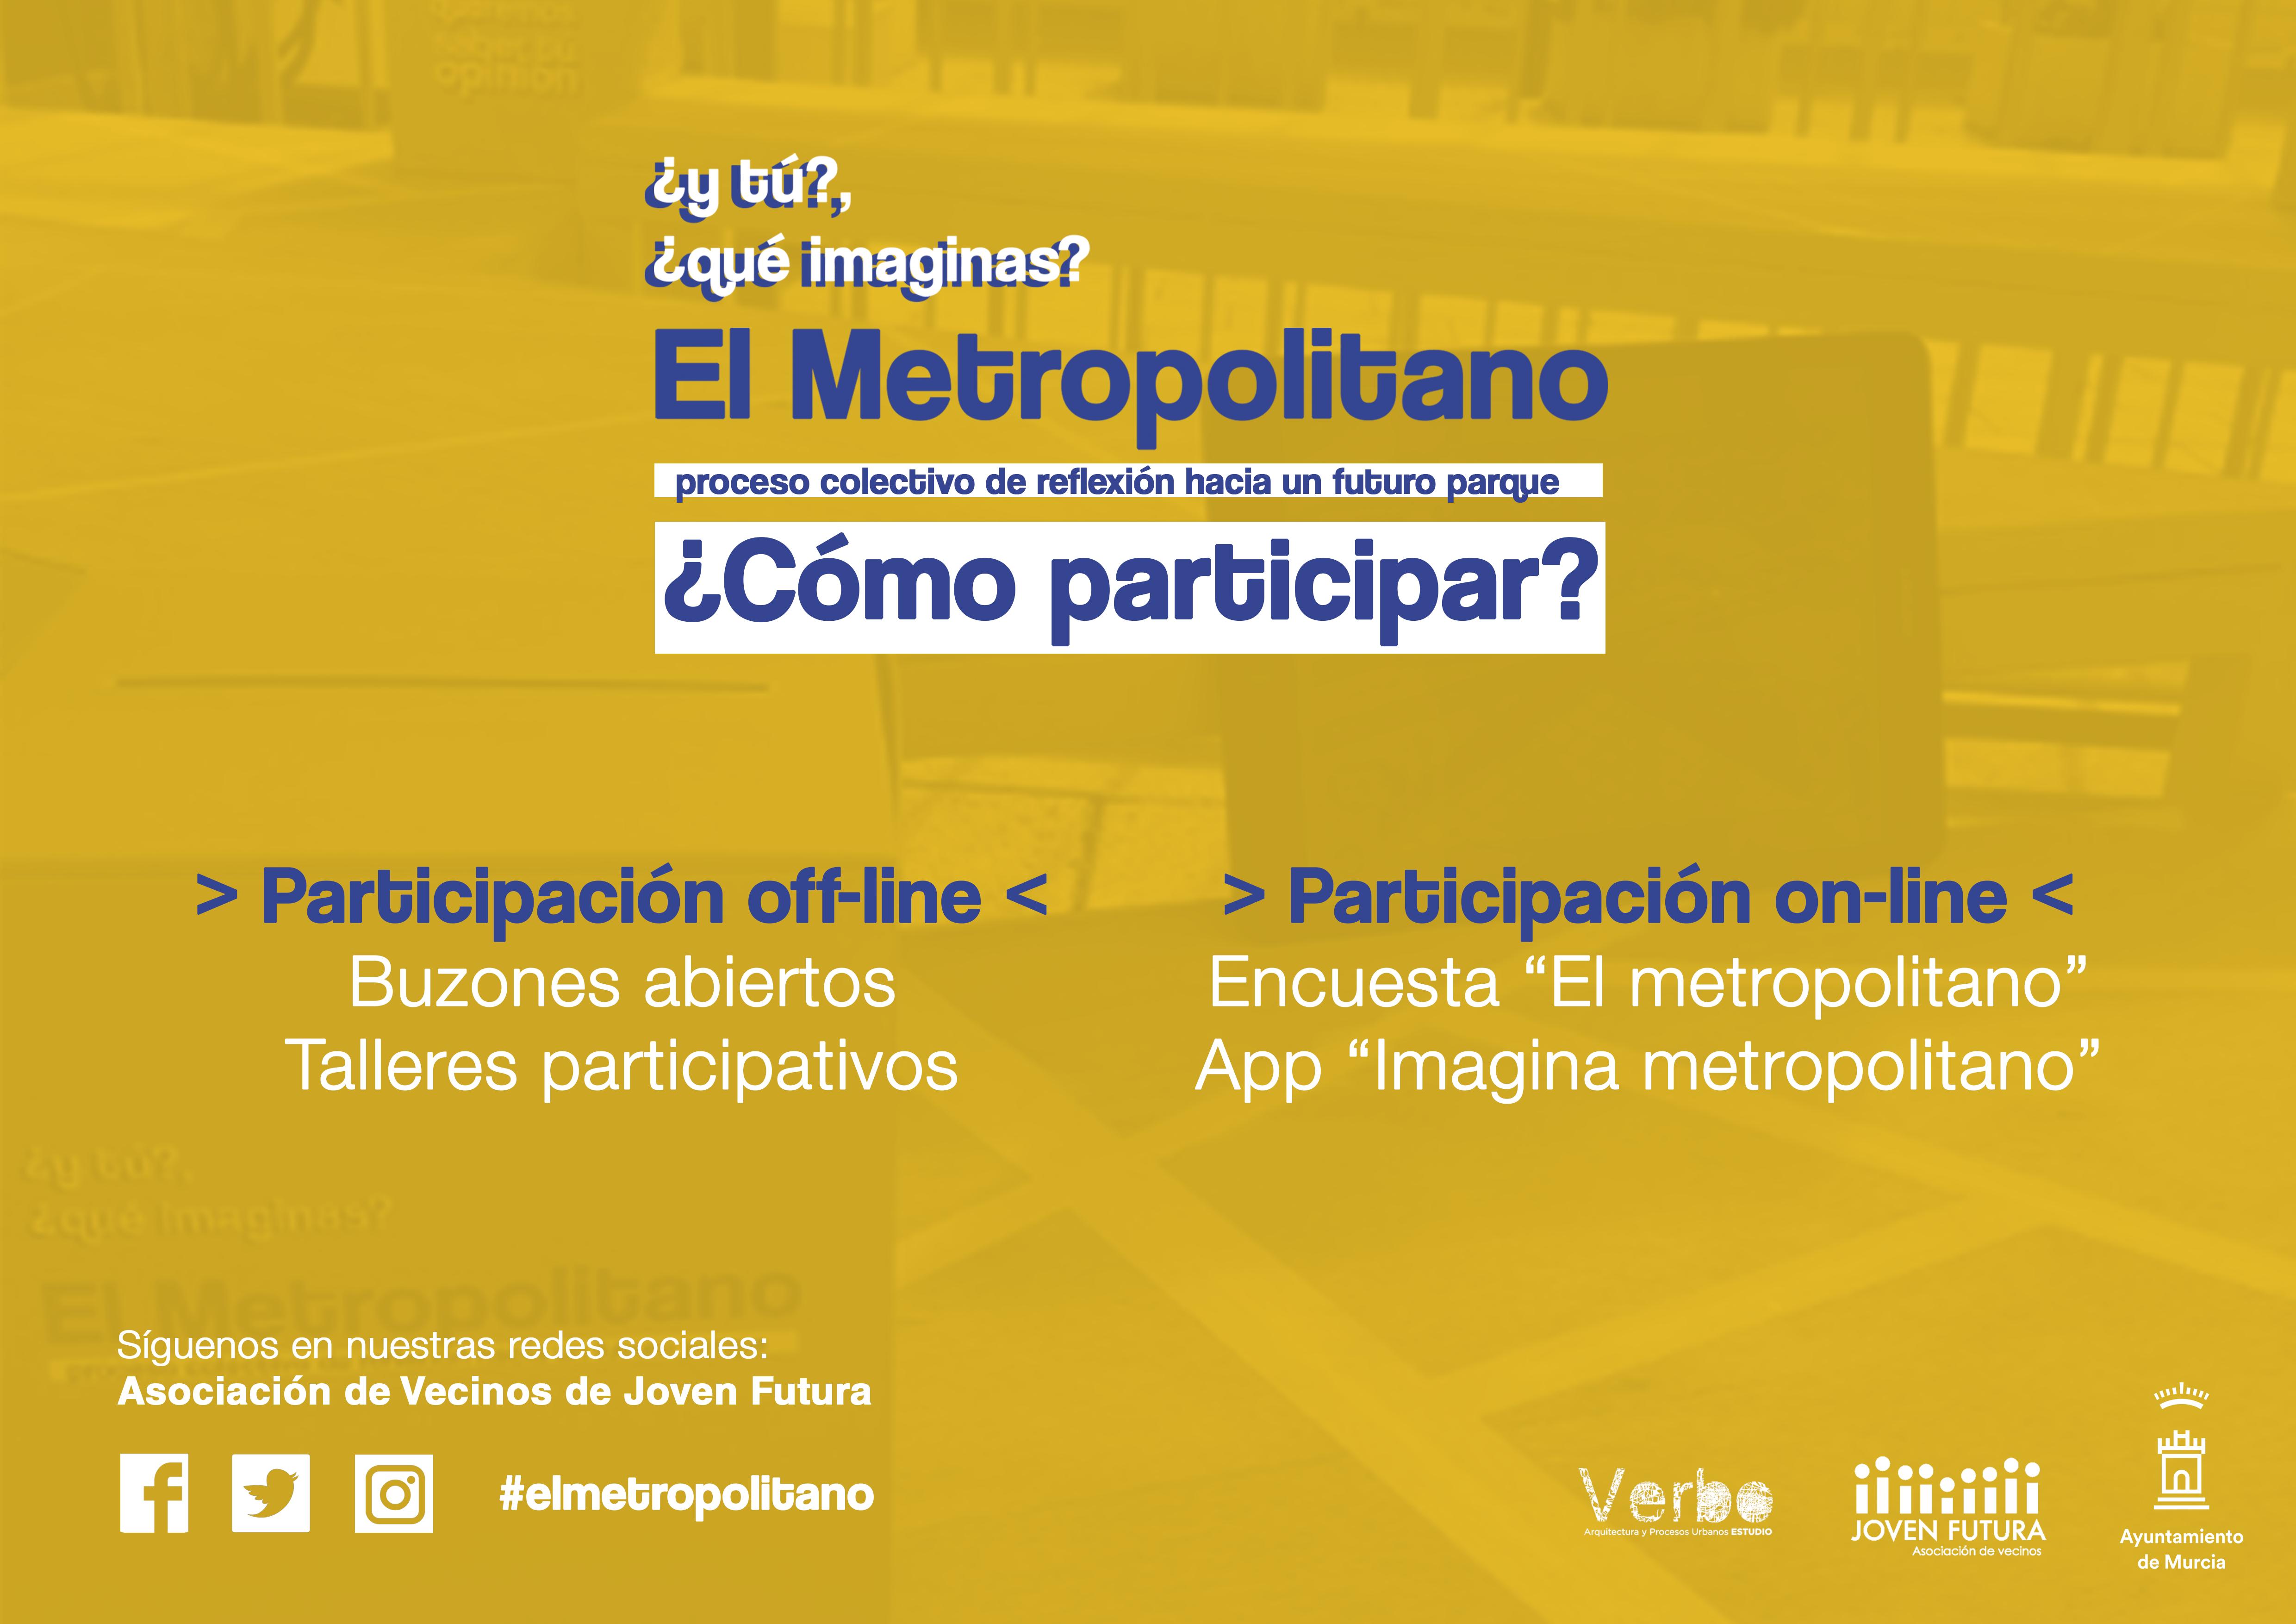 26-11-18 ¿Cómo participar? #ElMetropolitano